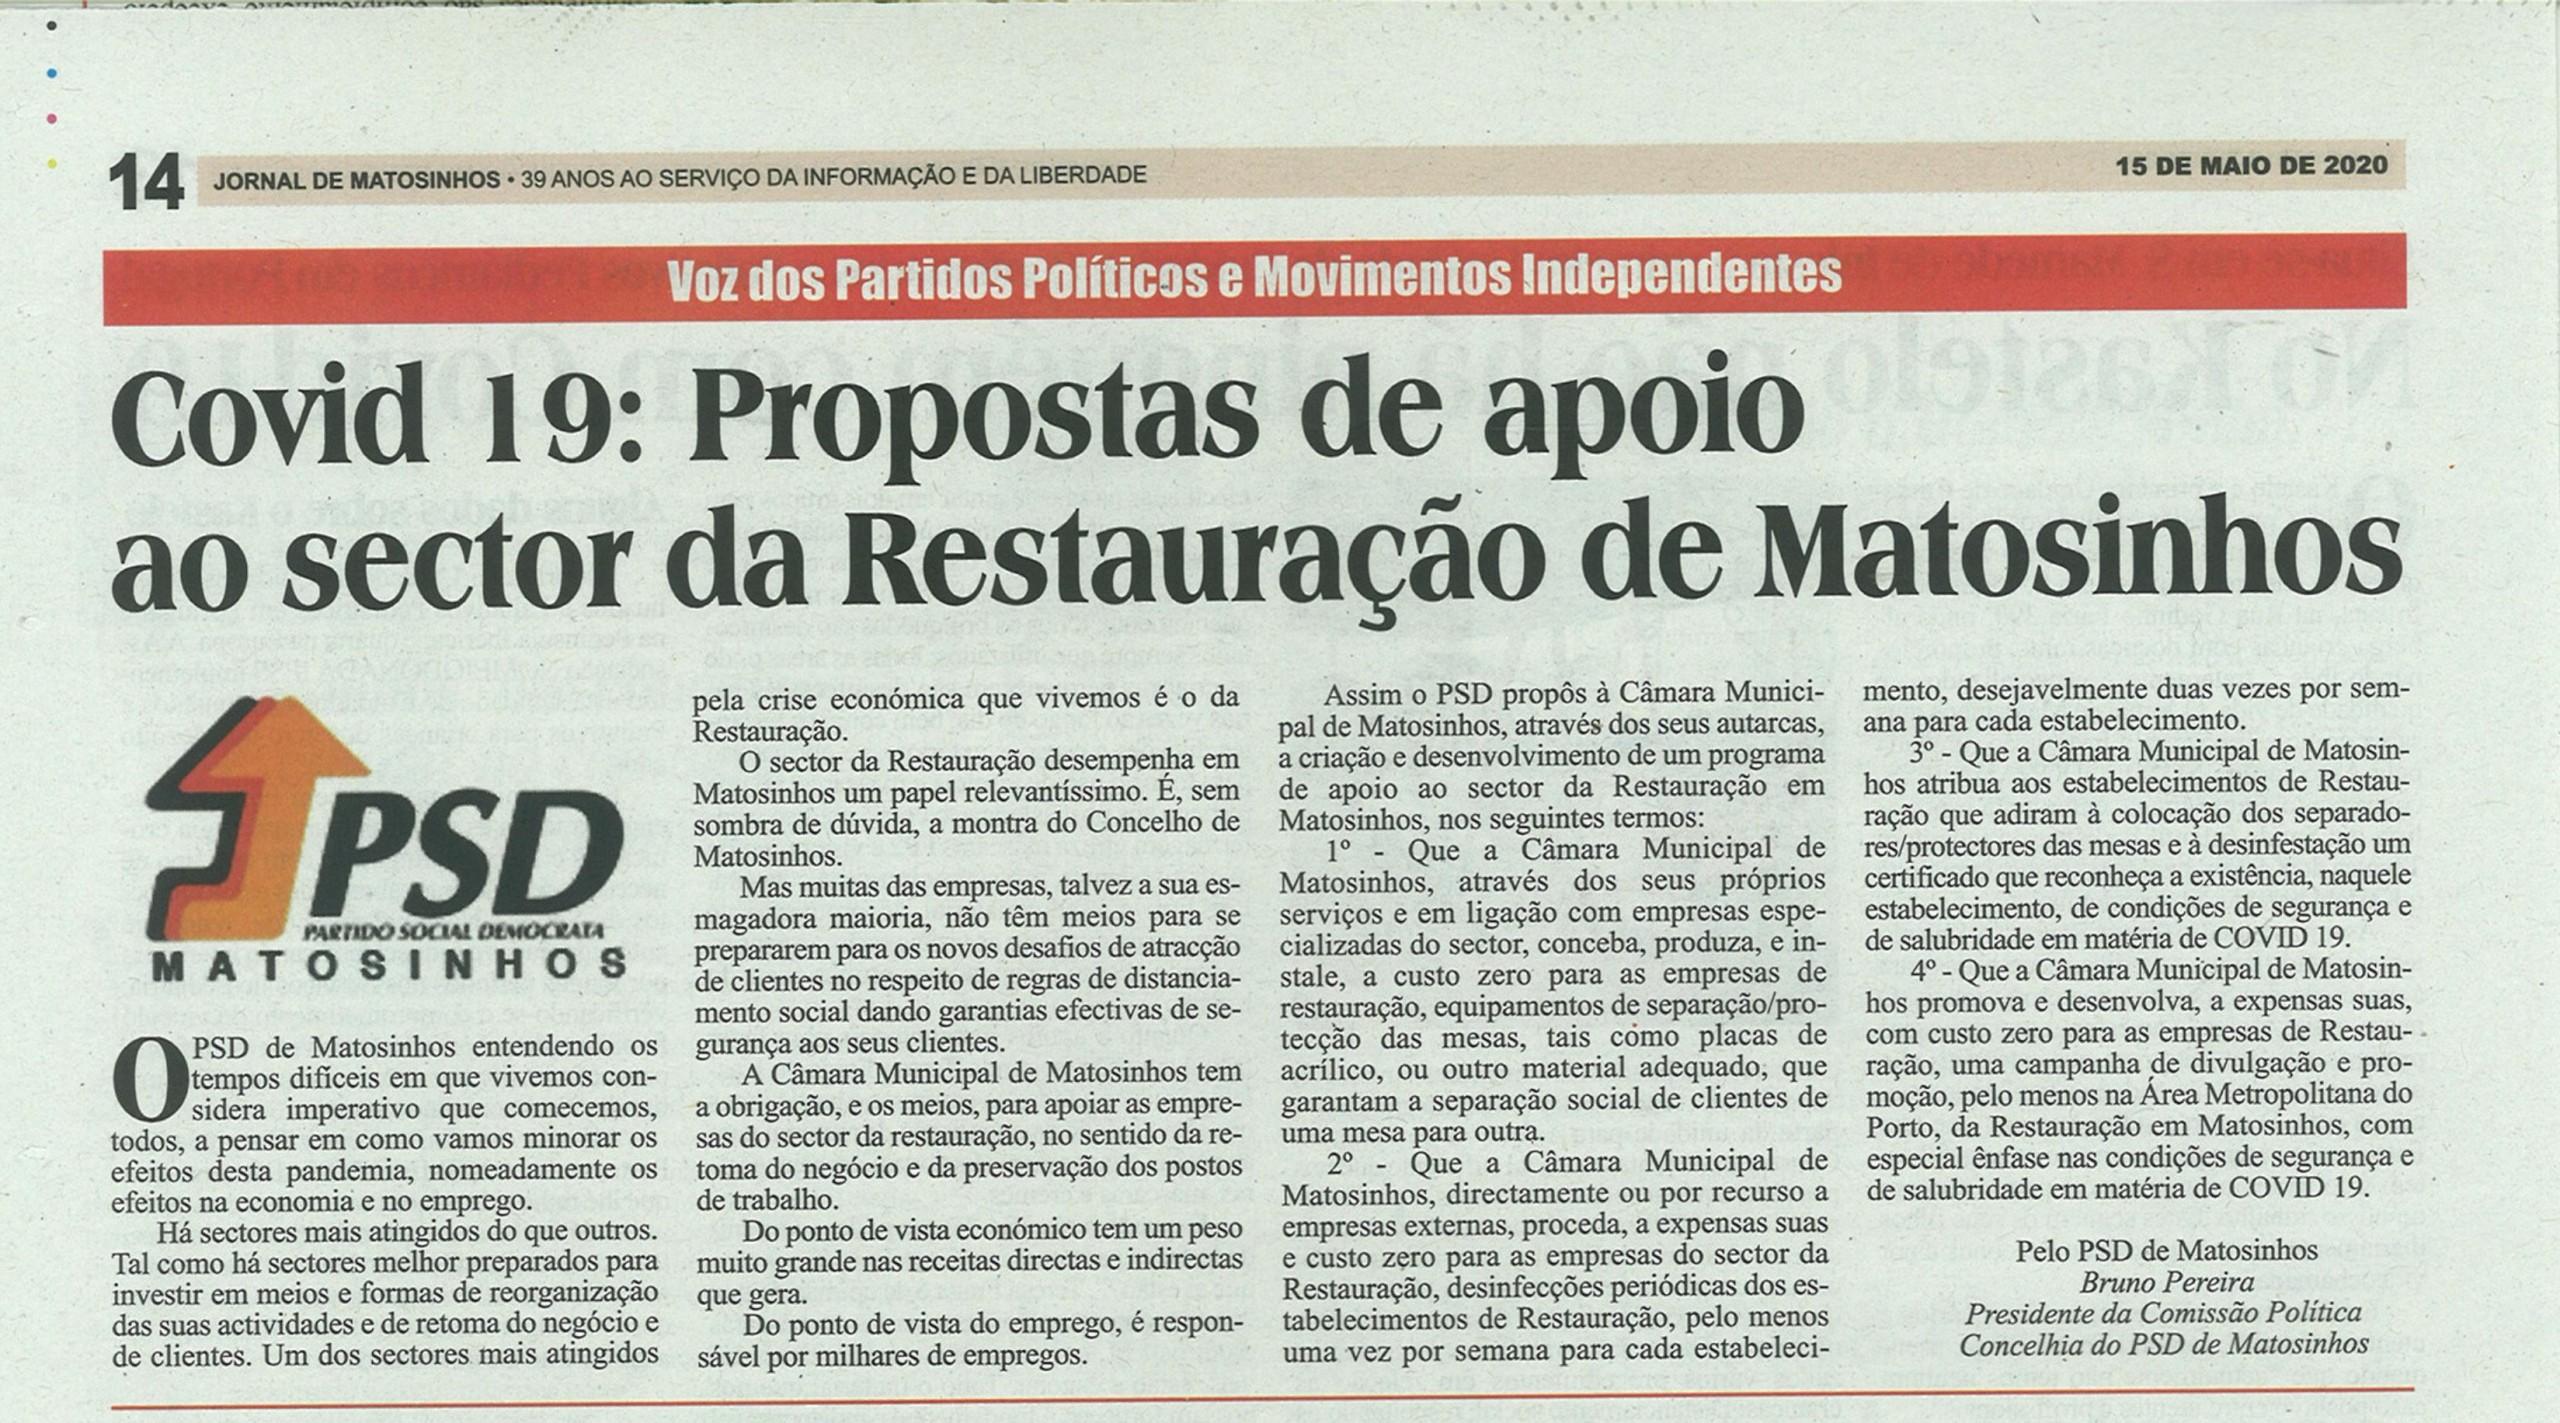 JM: COVID-19: Propostas de apoio ao sector da Restauração de Matosinhos